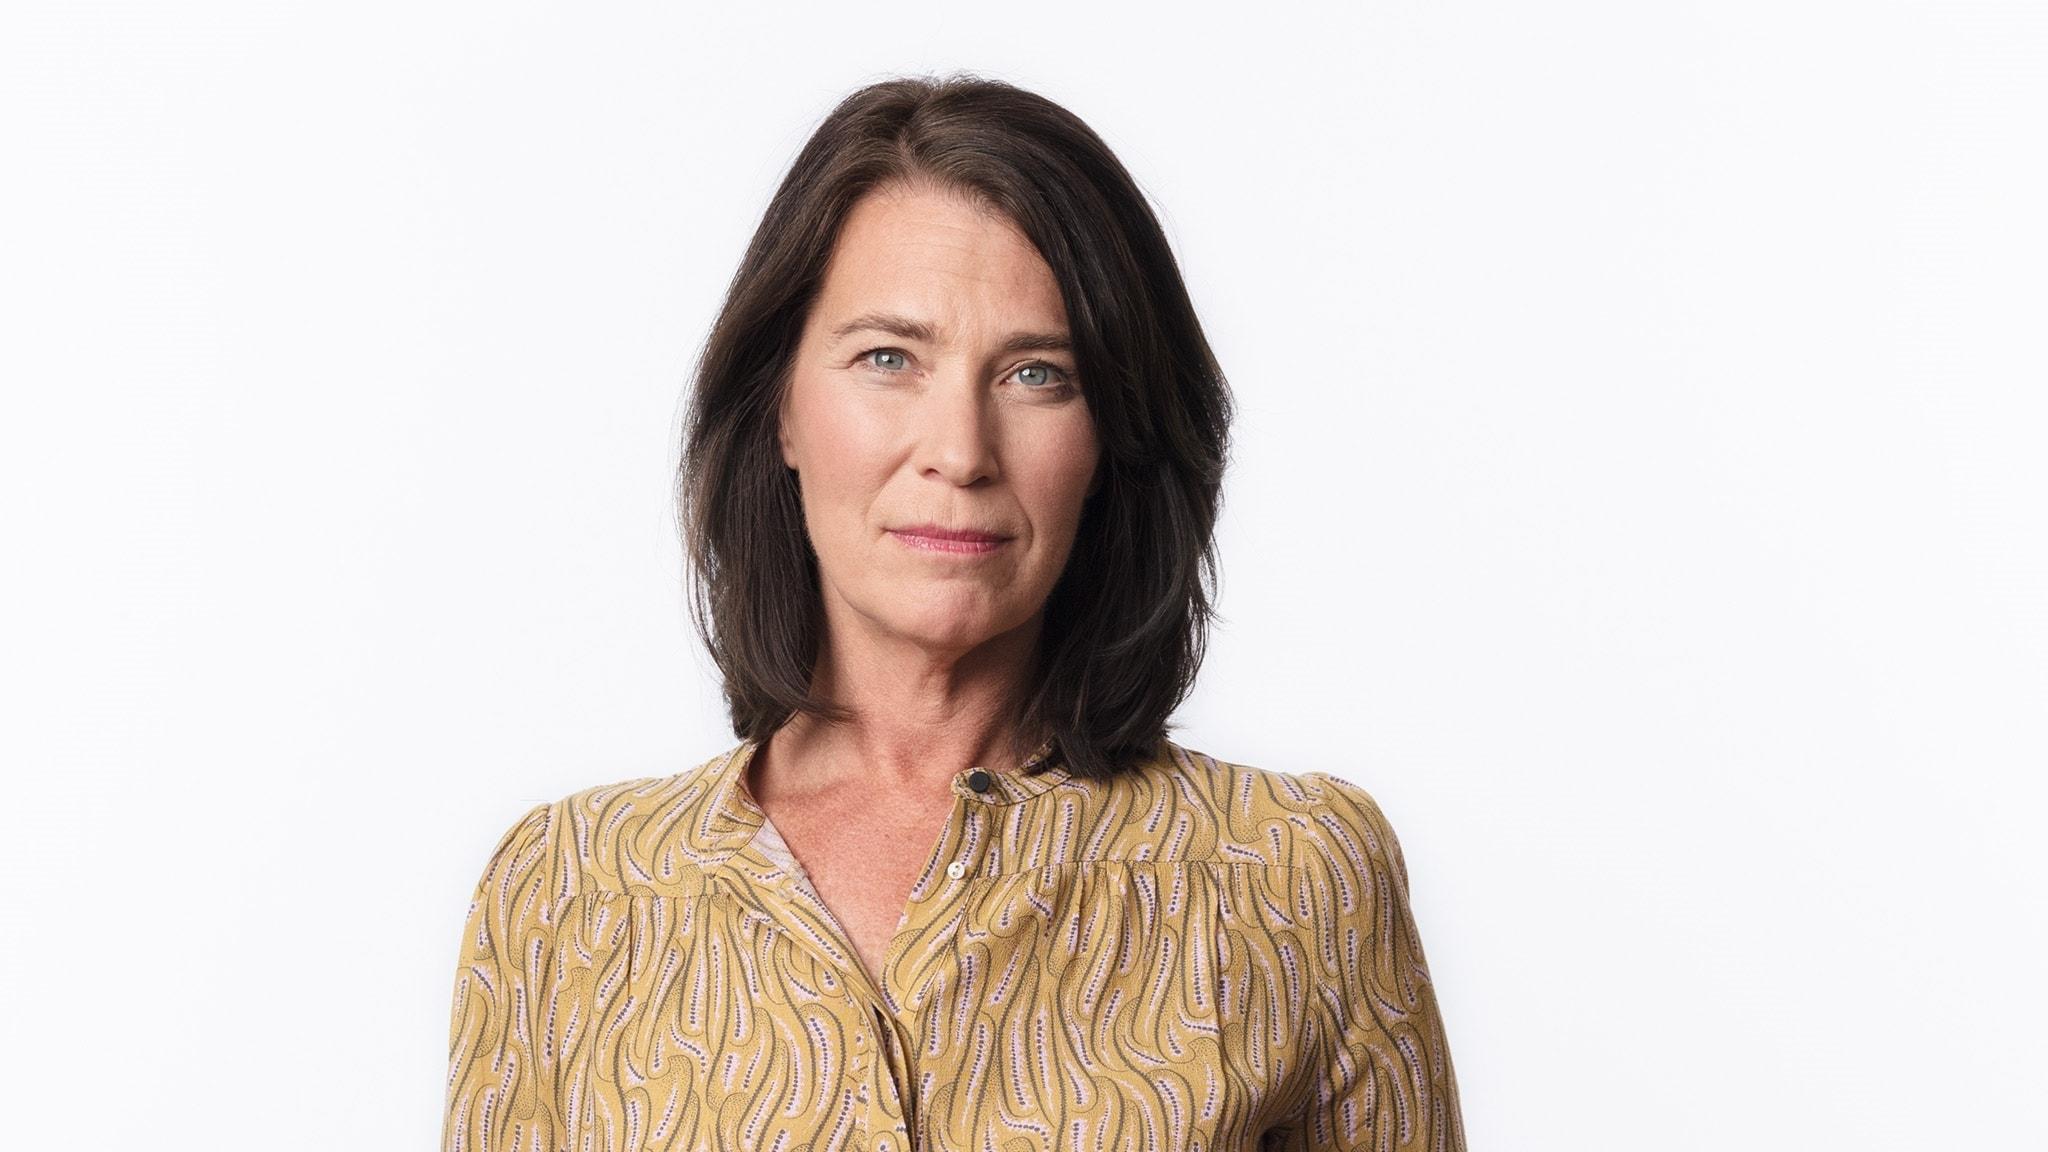 Räddningsbåt sätter splittringen i migrationsfrågan på agendan: Margareta Svensson, Paris